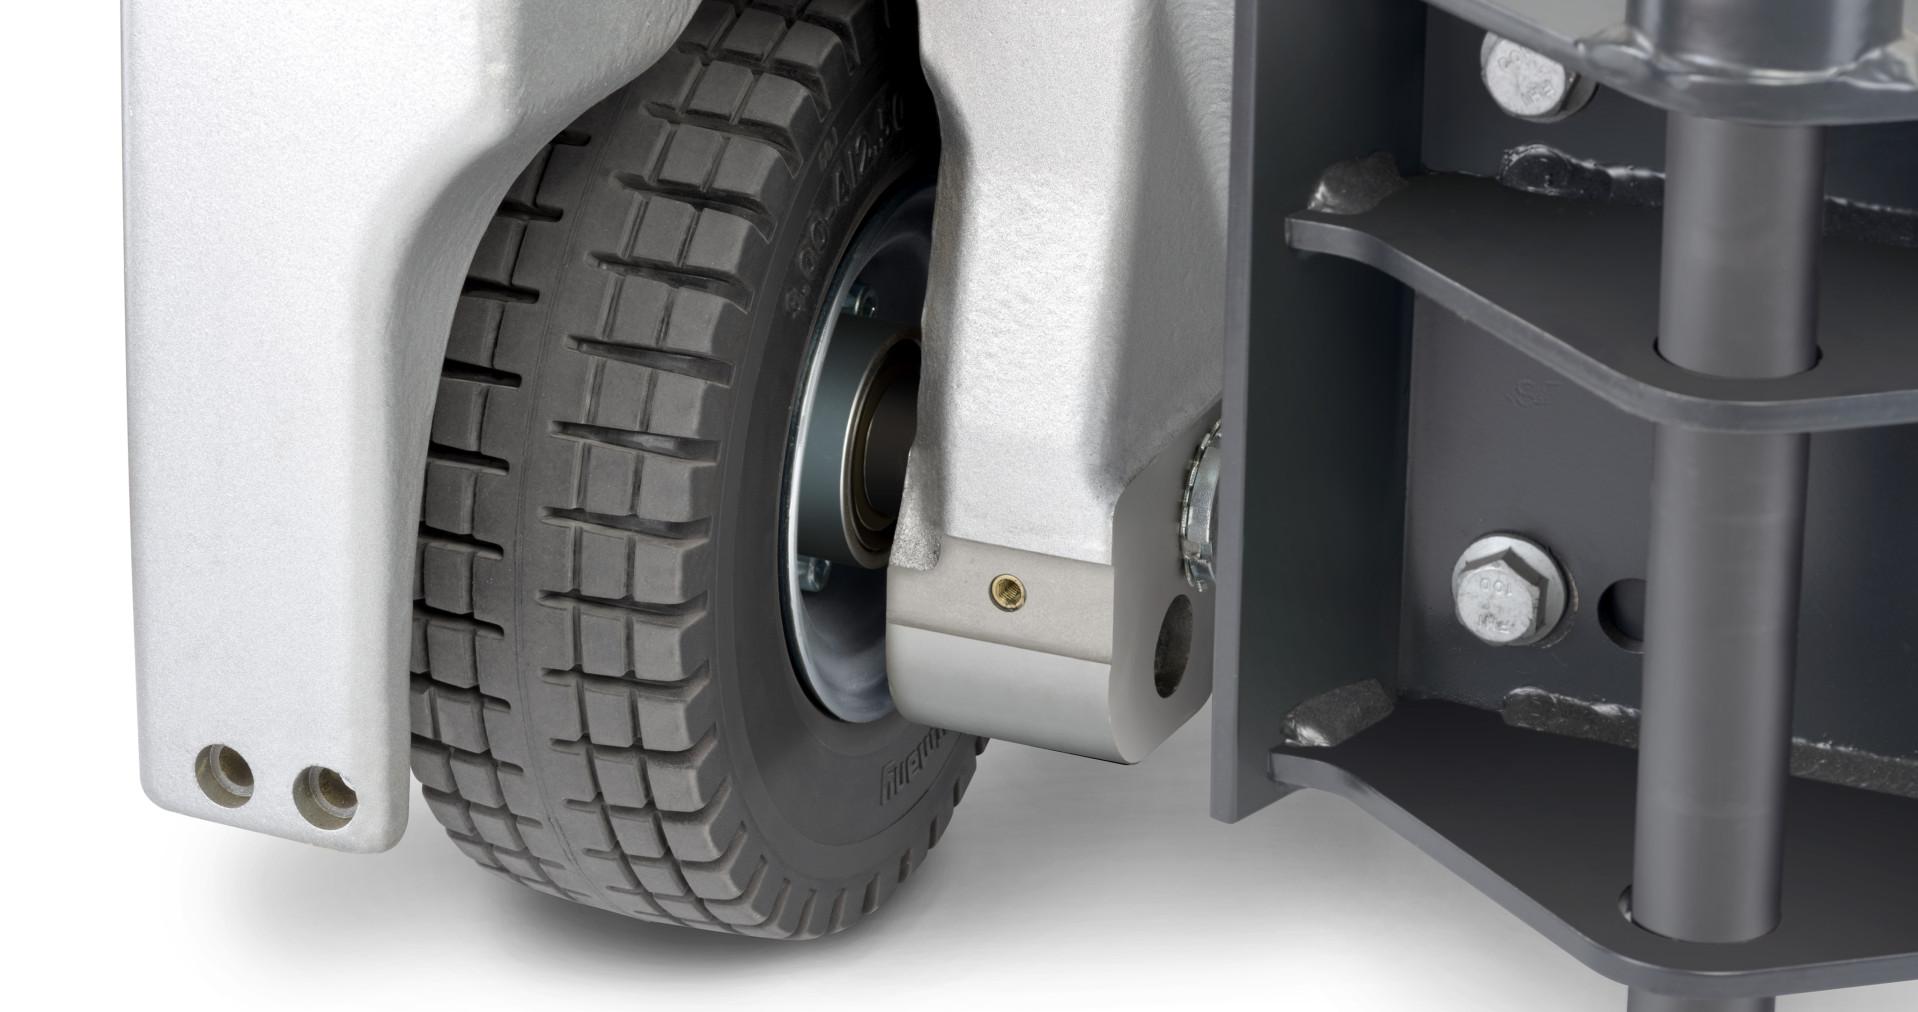 /products/Service/Spareparts/STILL_Original_Wheels_Rollers_Tyres/images/STILL_Grafikproduktion_Service_Ersatzteile_Raeder-Rollen-Reifen_4K.jpg